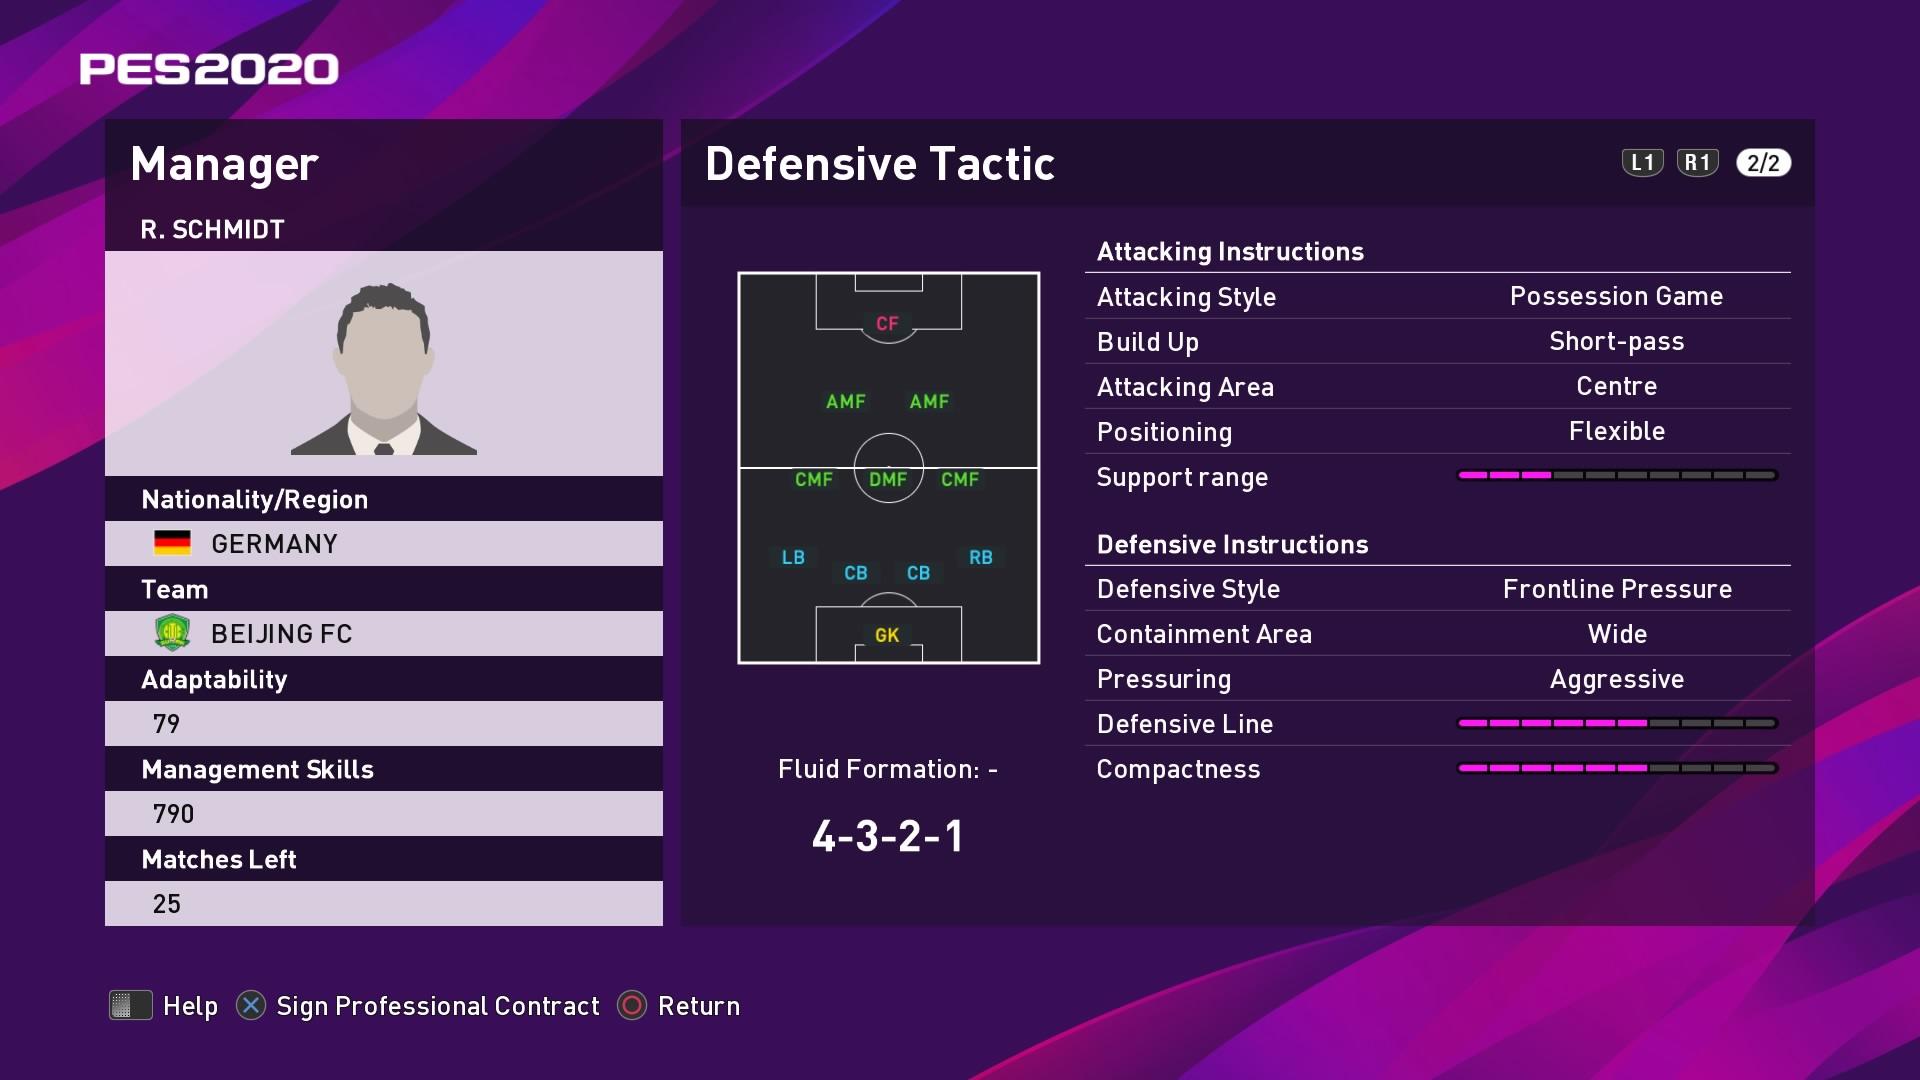 R. Schmidt (Roger Schmidt) Defensive Tactic in PES 2020 myClub